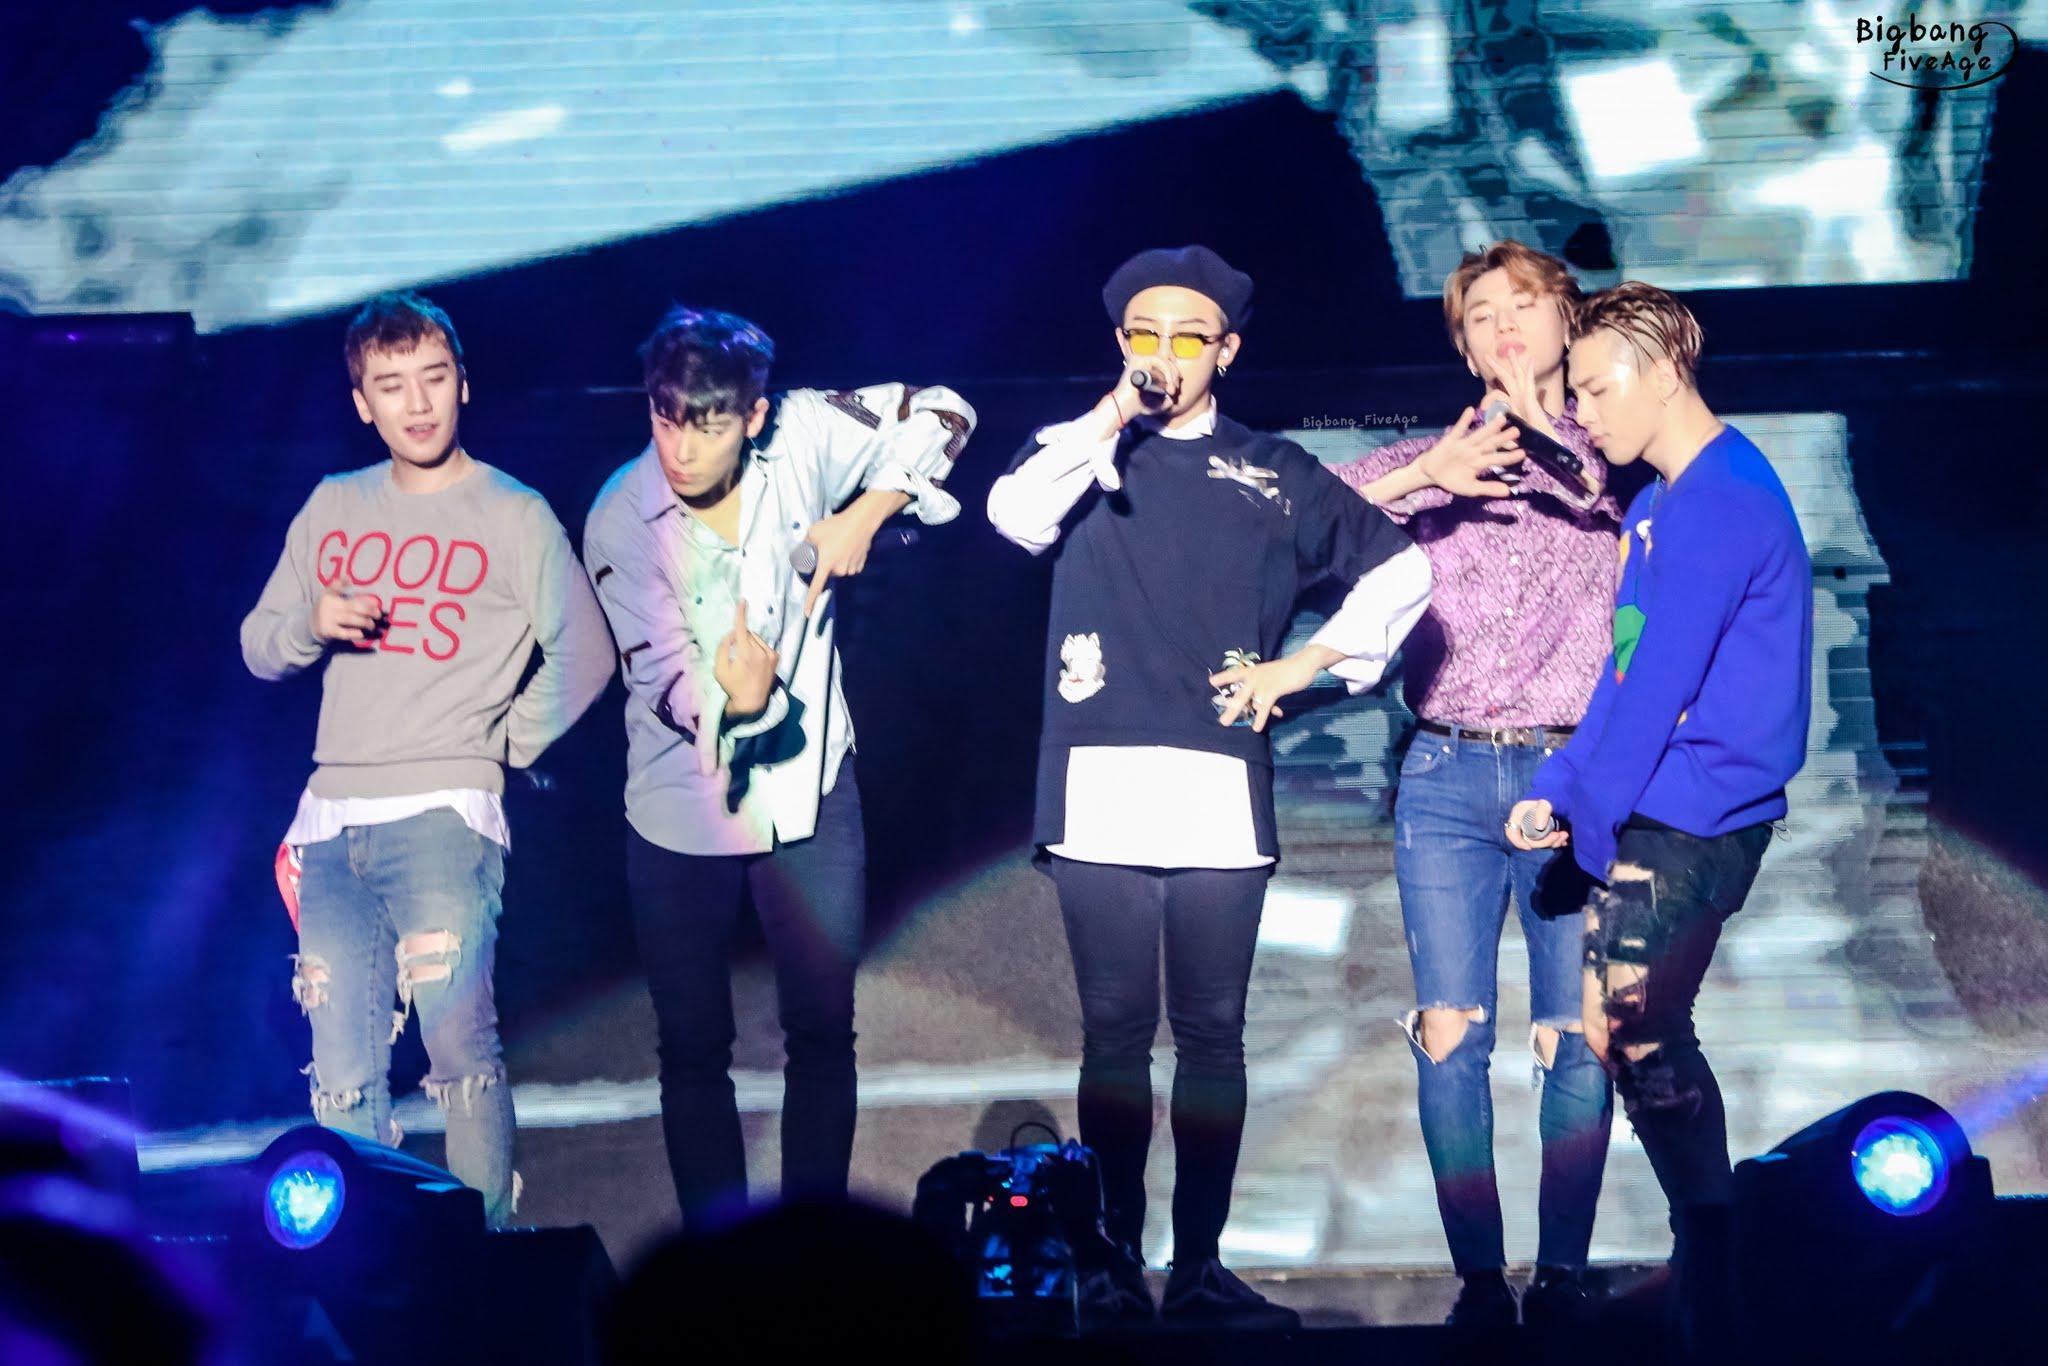 BIGBANG - Made V.I.P Tour - Zhongshan - 21jul2016 - Bigbang_FiveAge - 07